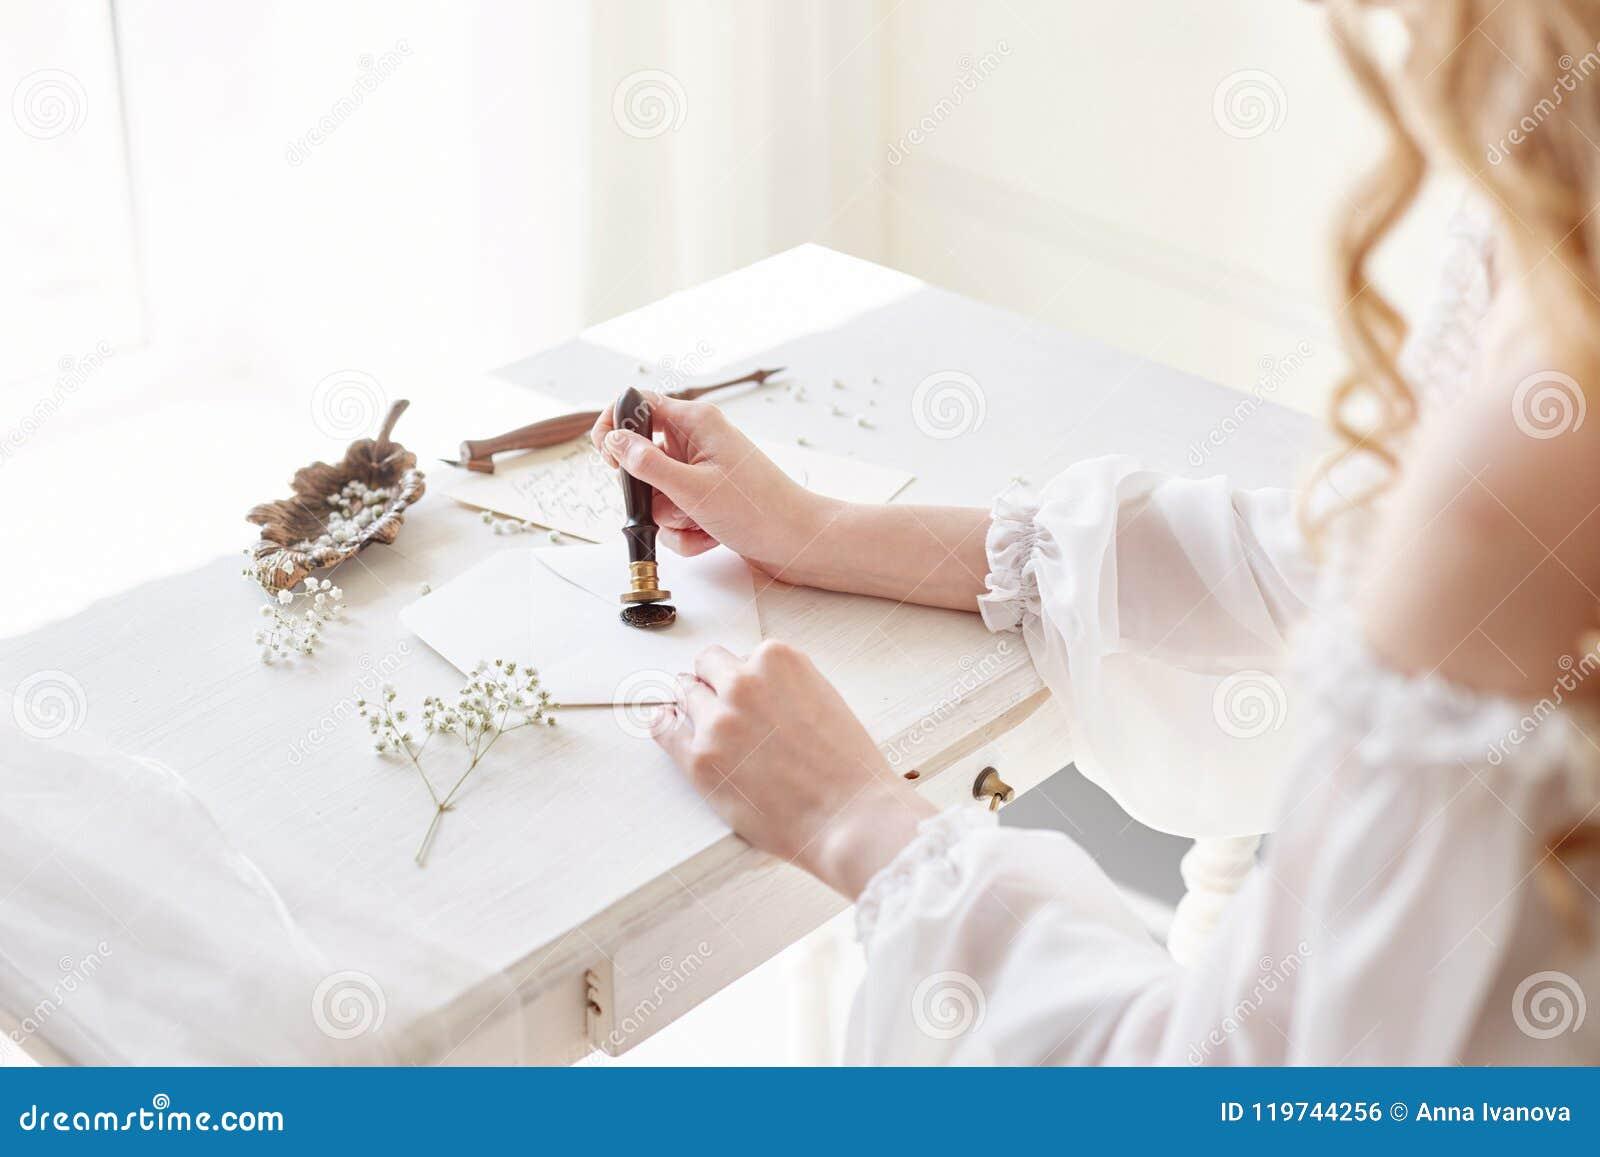 Dziewczyna pisze liście jej ukochany mężczyzna, siedzi w domu przy stołem w sukni, czystości i niewinności światła białego, blond